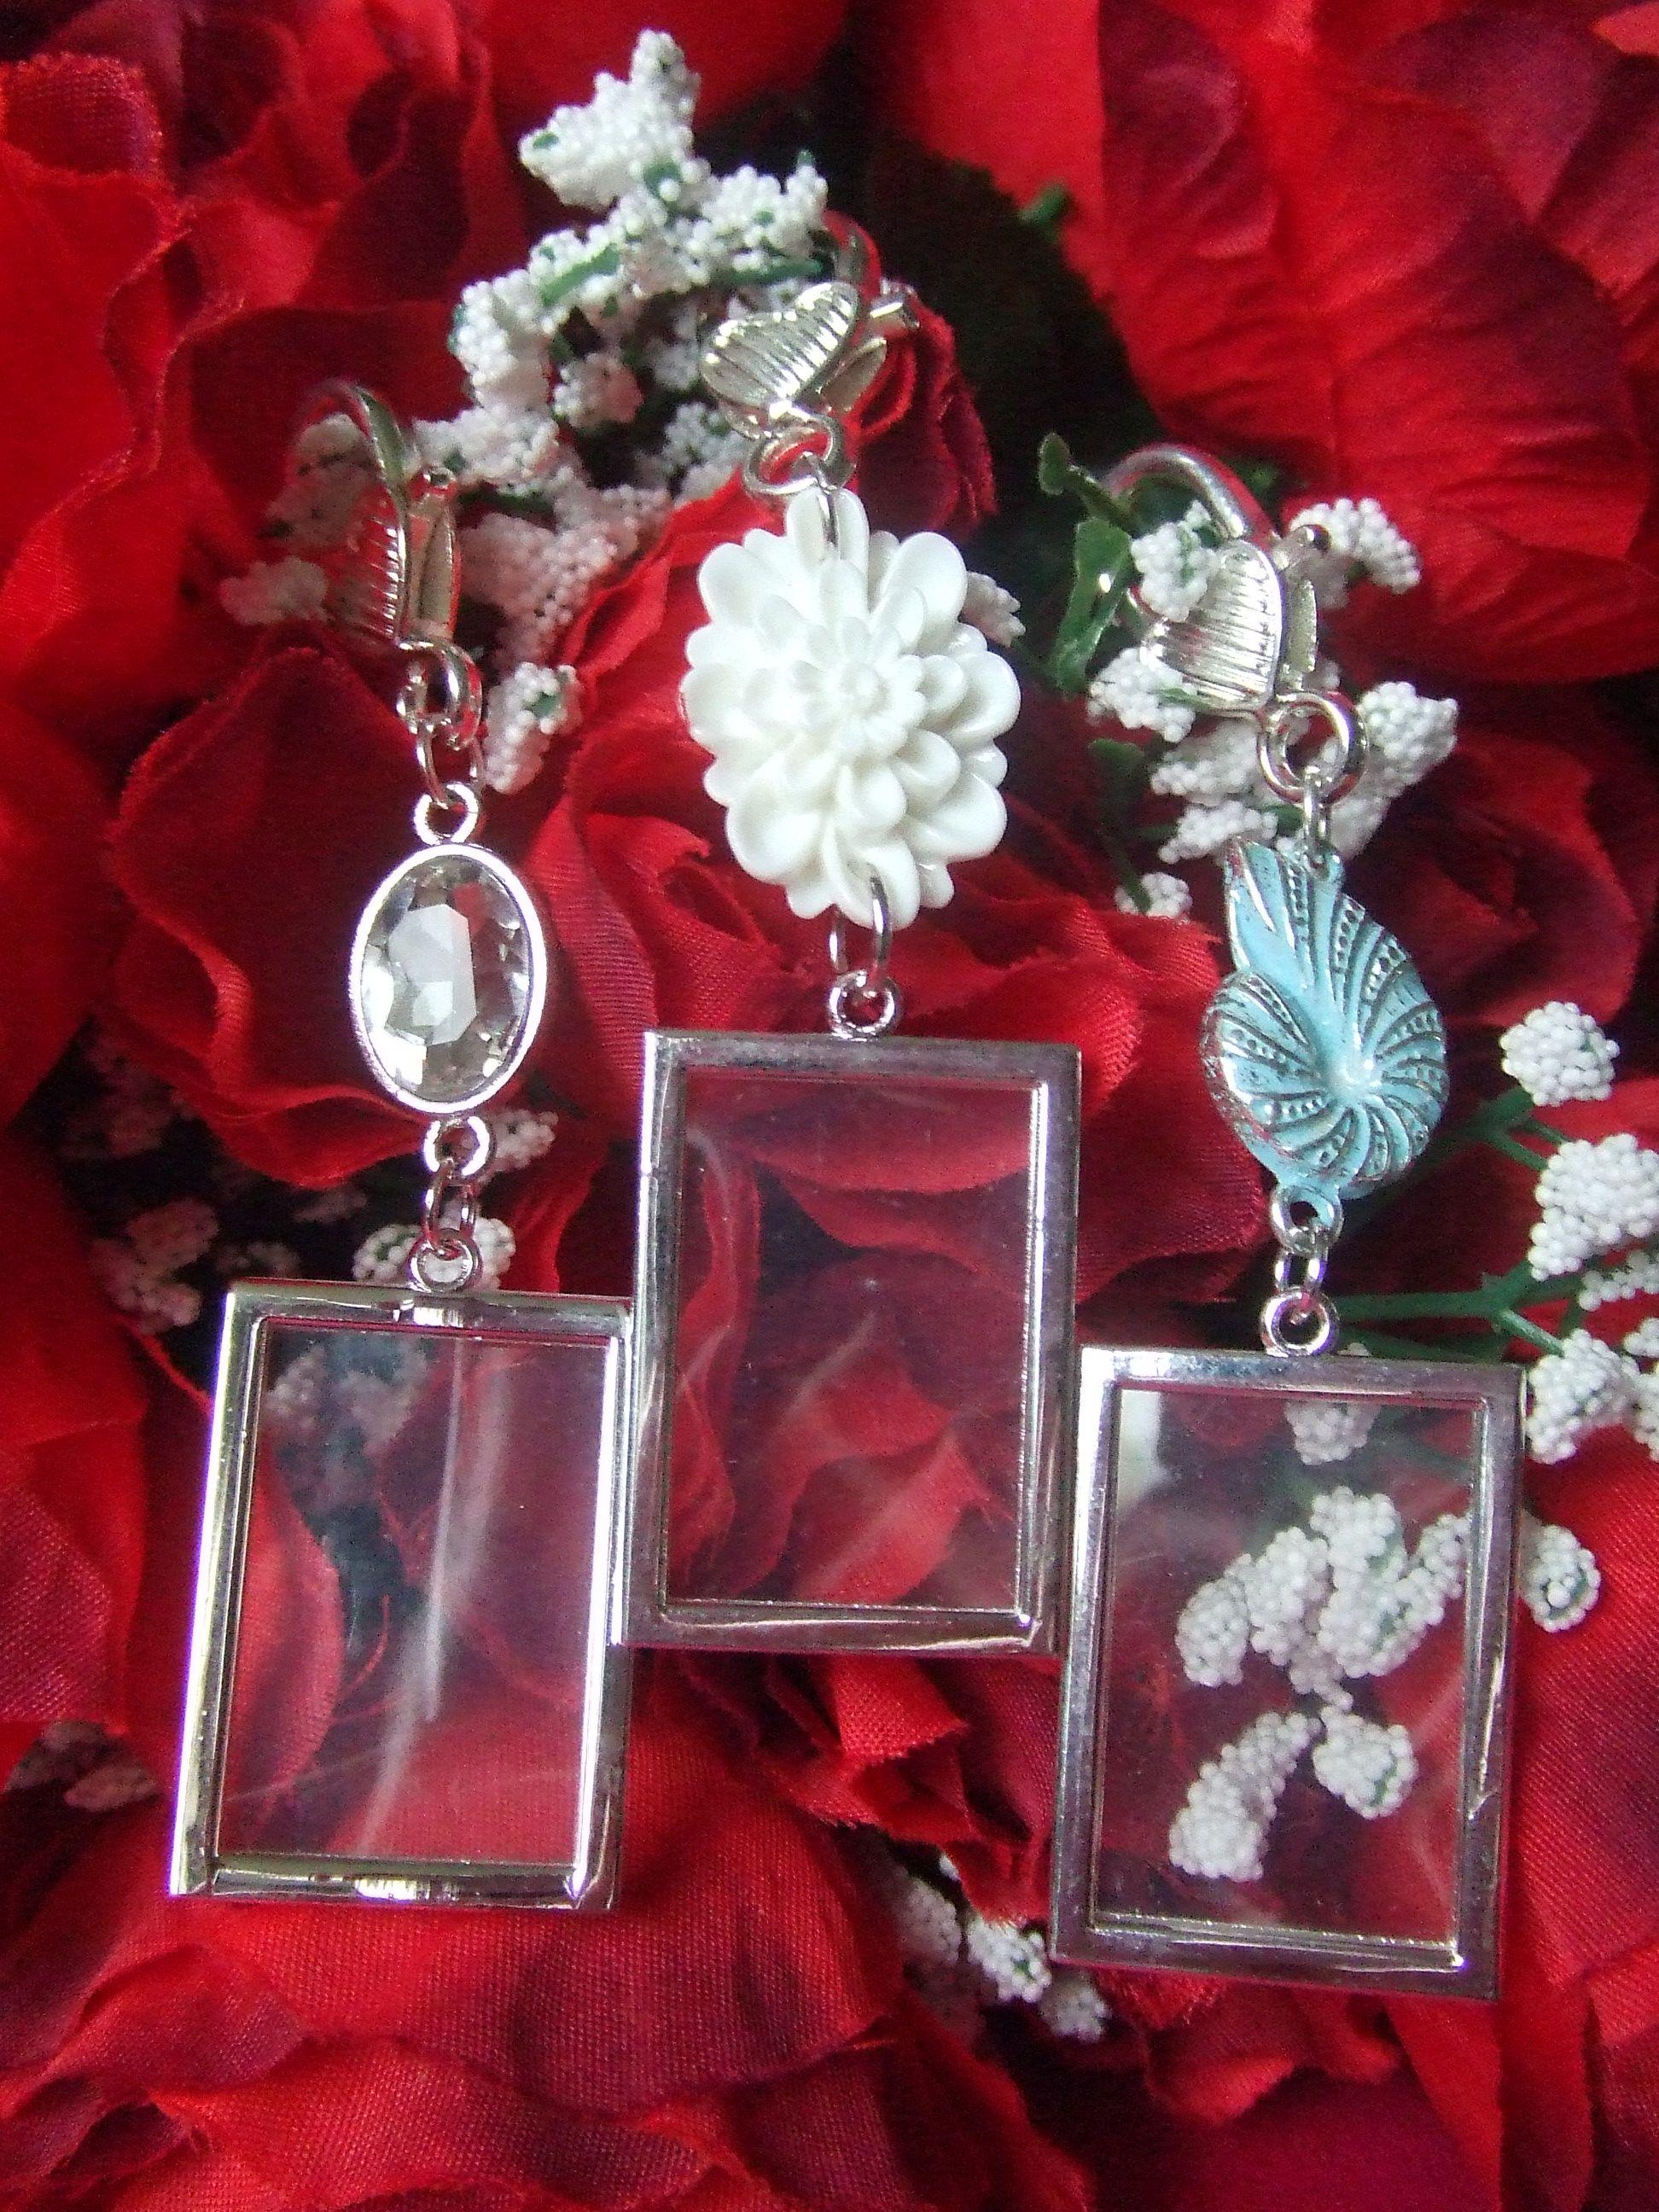 Wedding Bride Bouquet Memory Photo Frame Charm, Crystal/Rhinestone ...